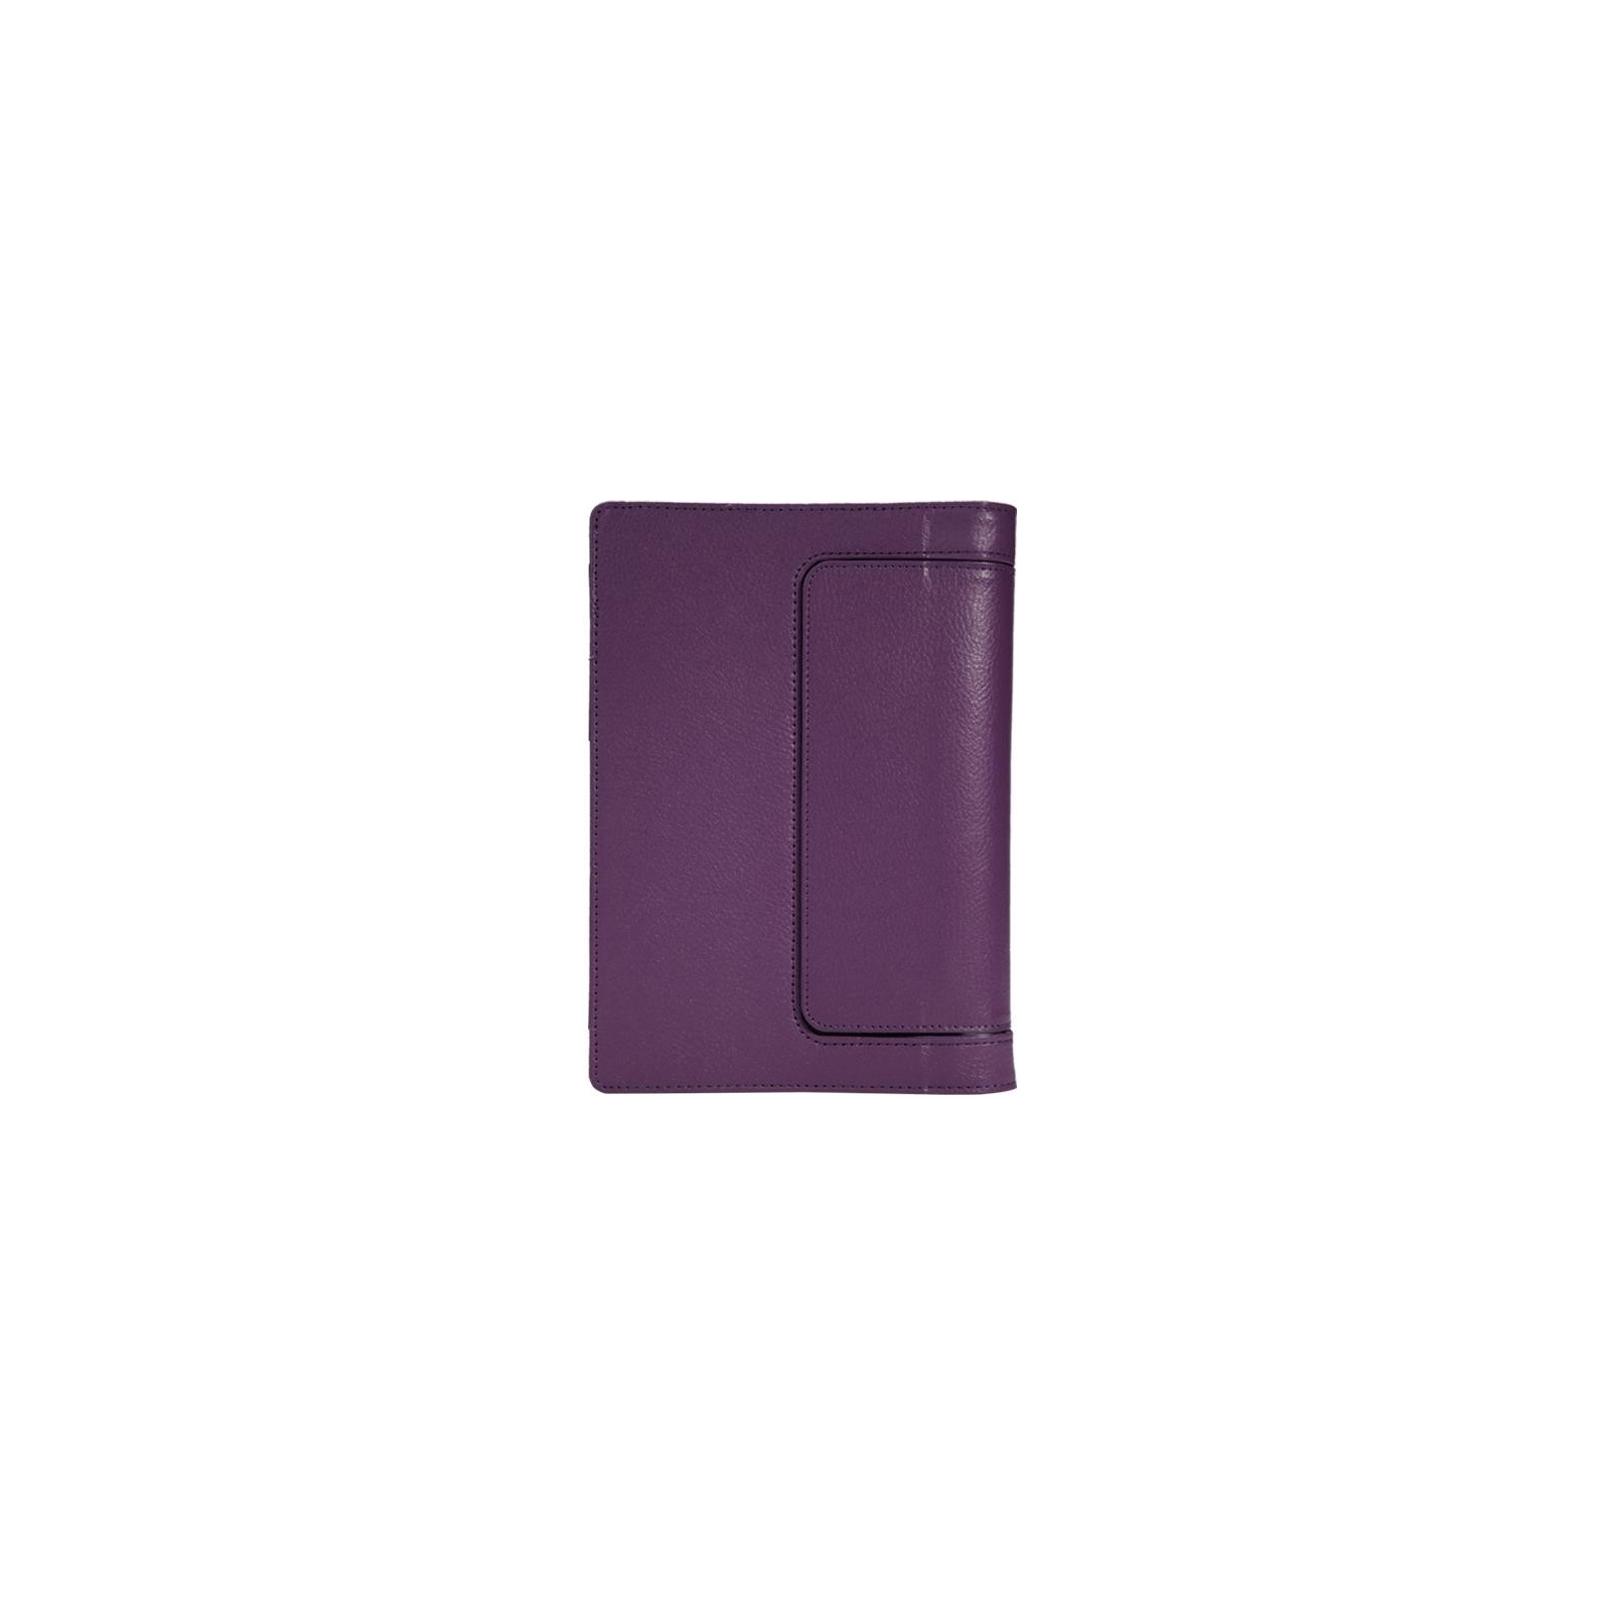 Чехол для планшета AirOn для Lenovo YOGA Tablet 3 8'' violet (4822352779641) изображение 2